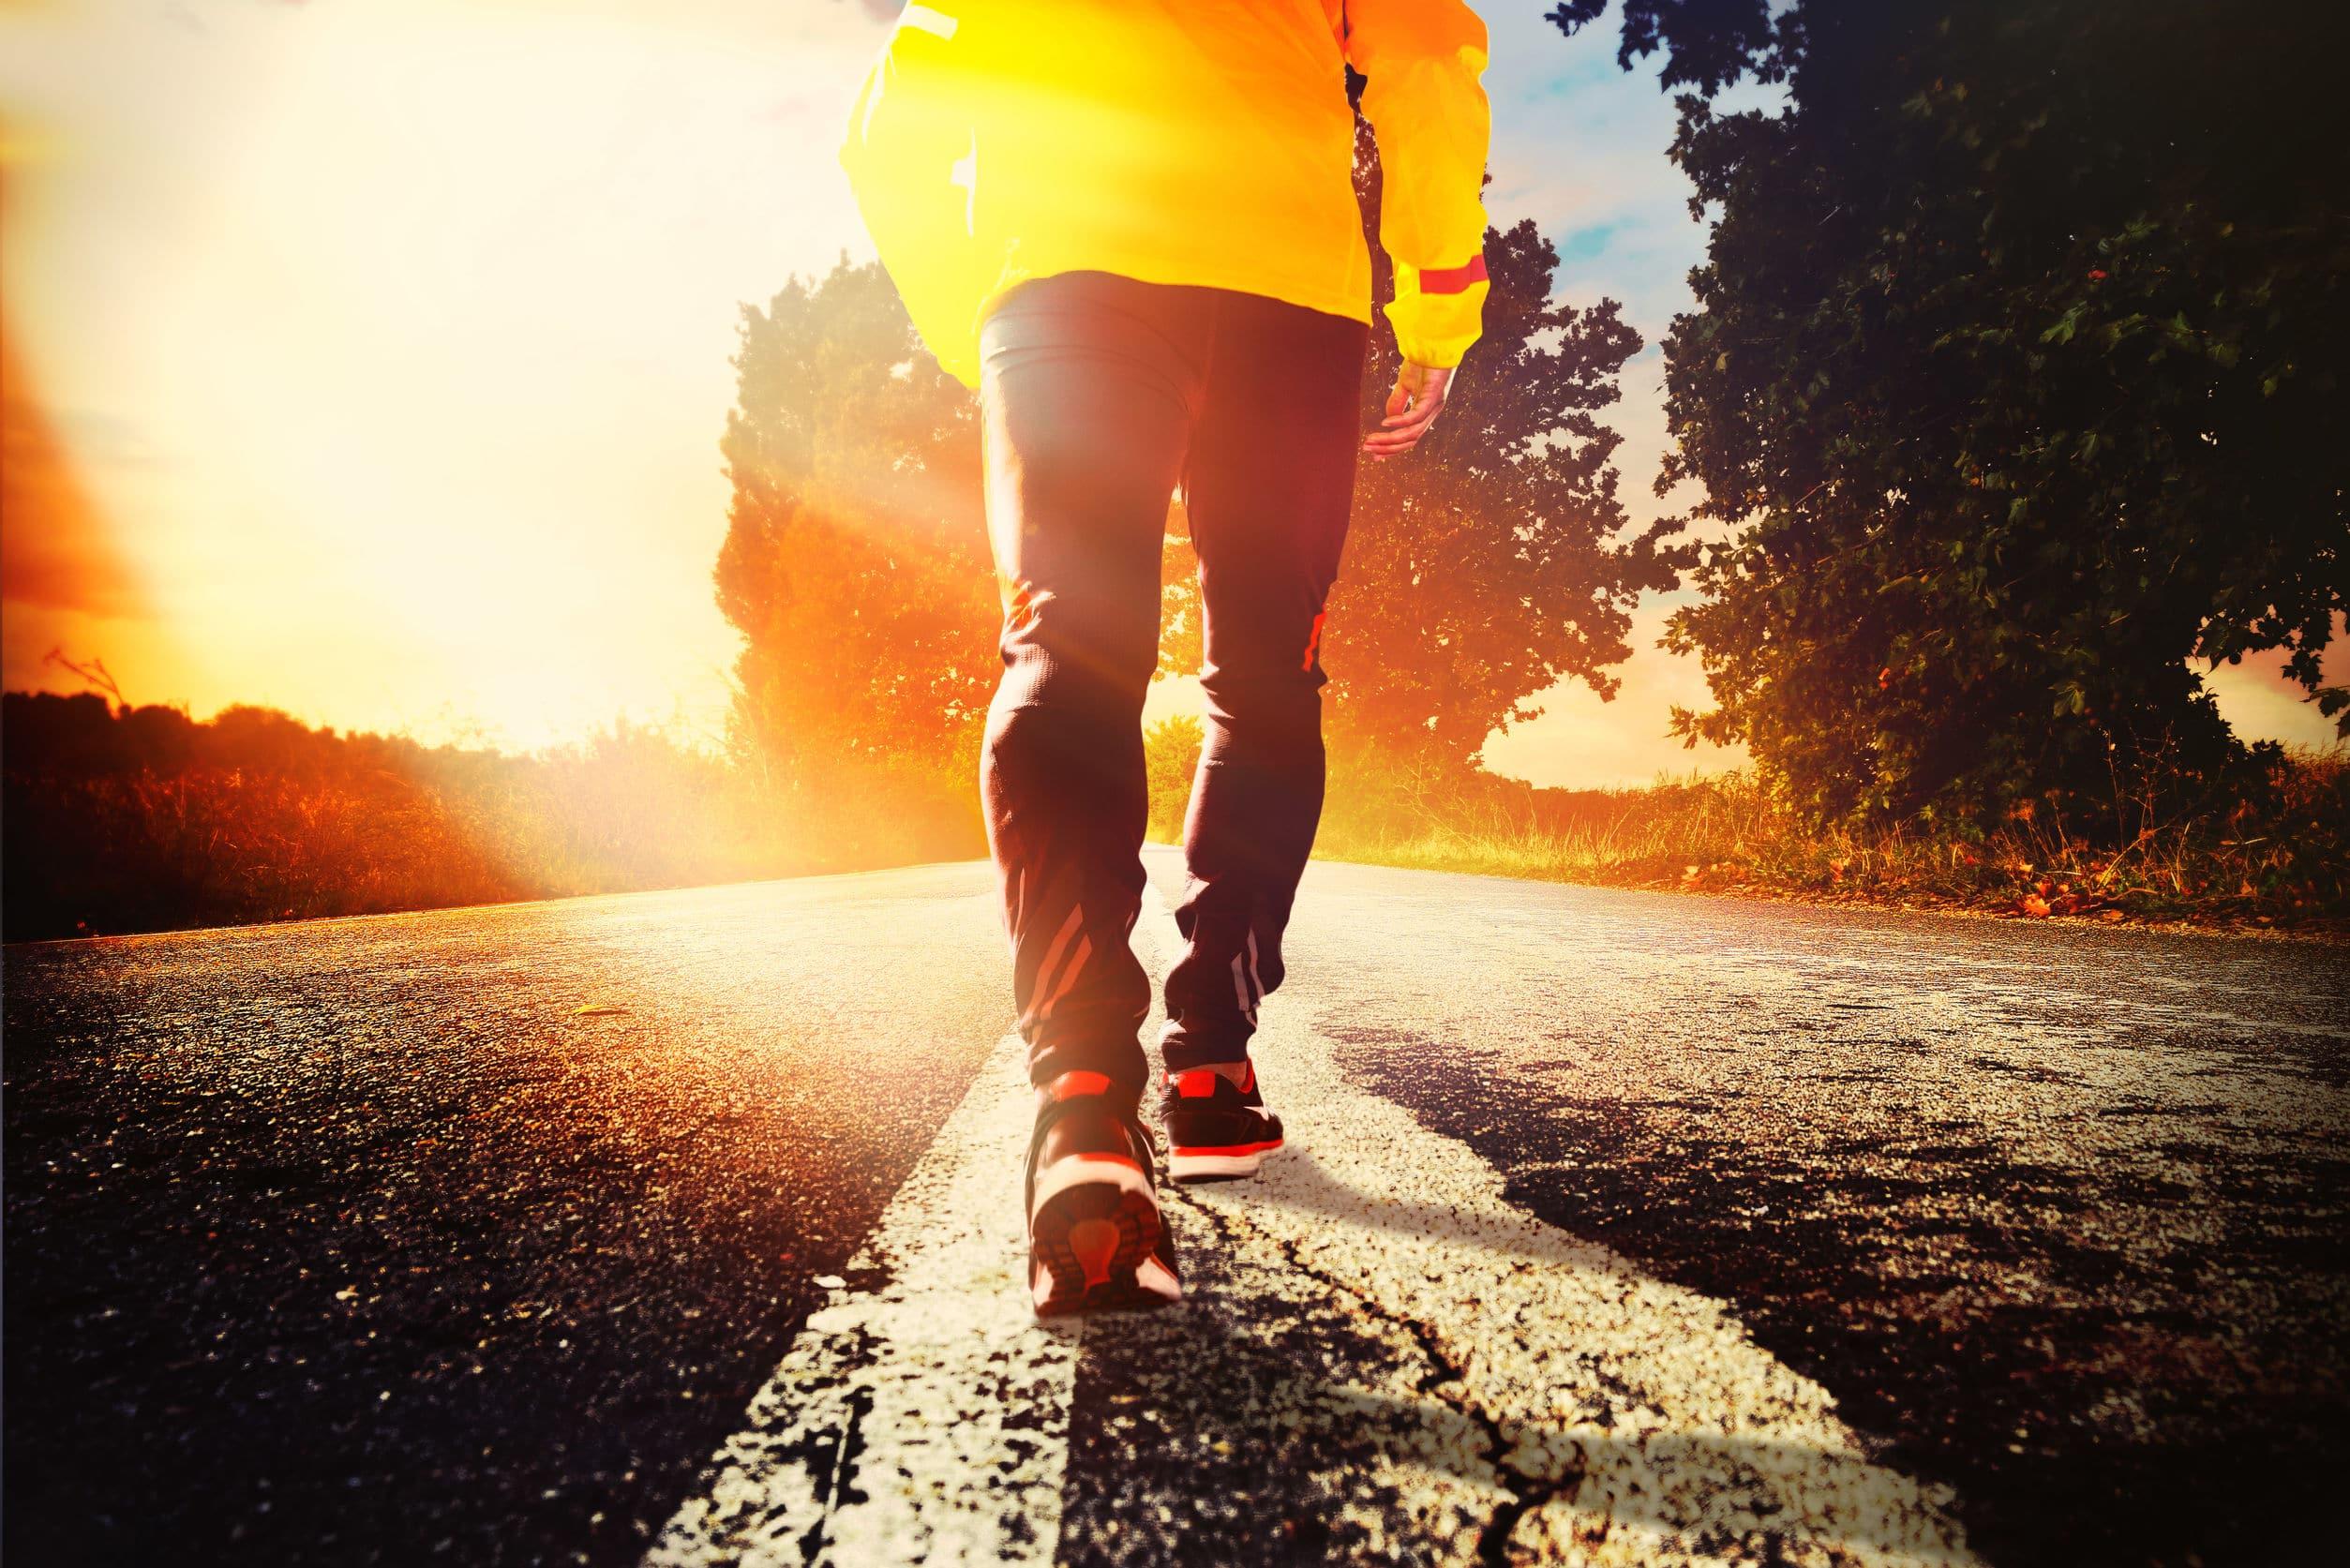 Homem vestindo um casaco amarelo caminhando em estrada perto de árvores na luz do sol.